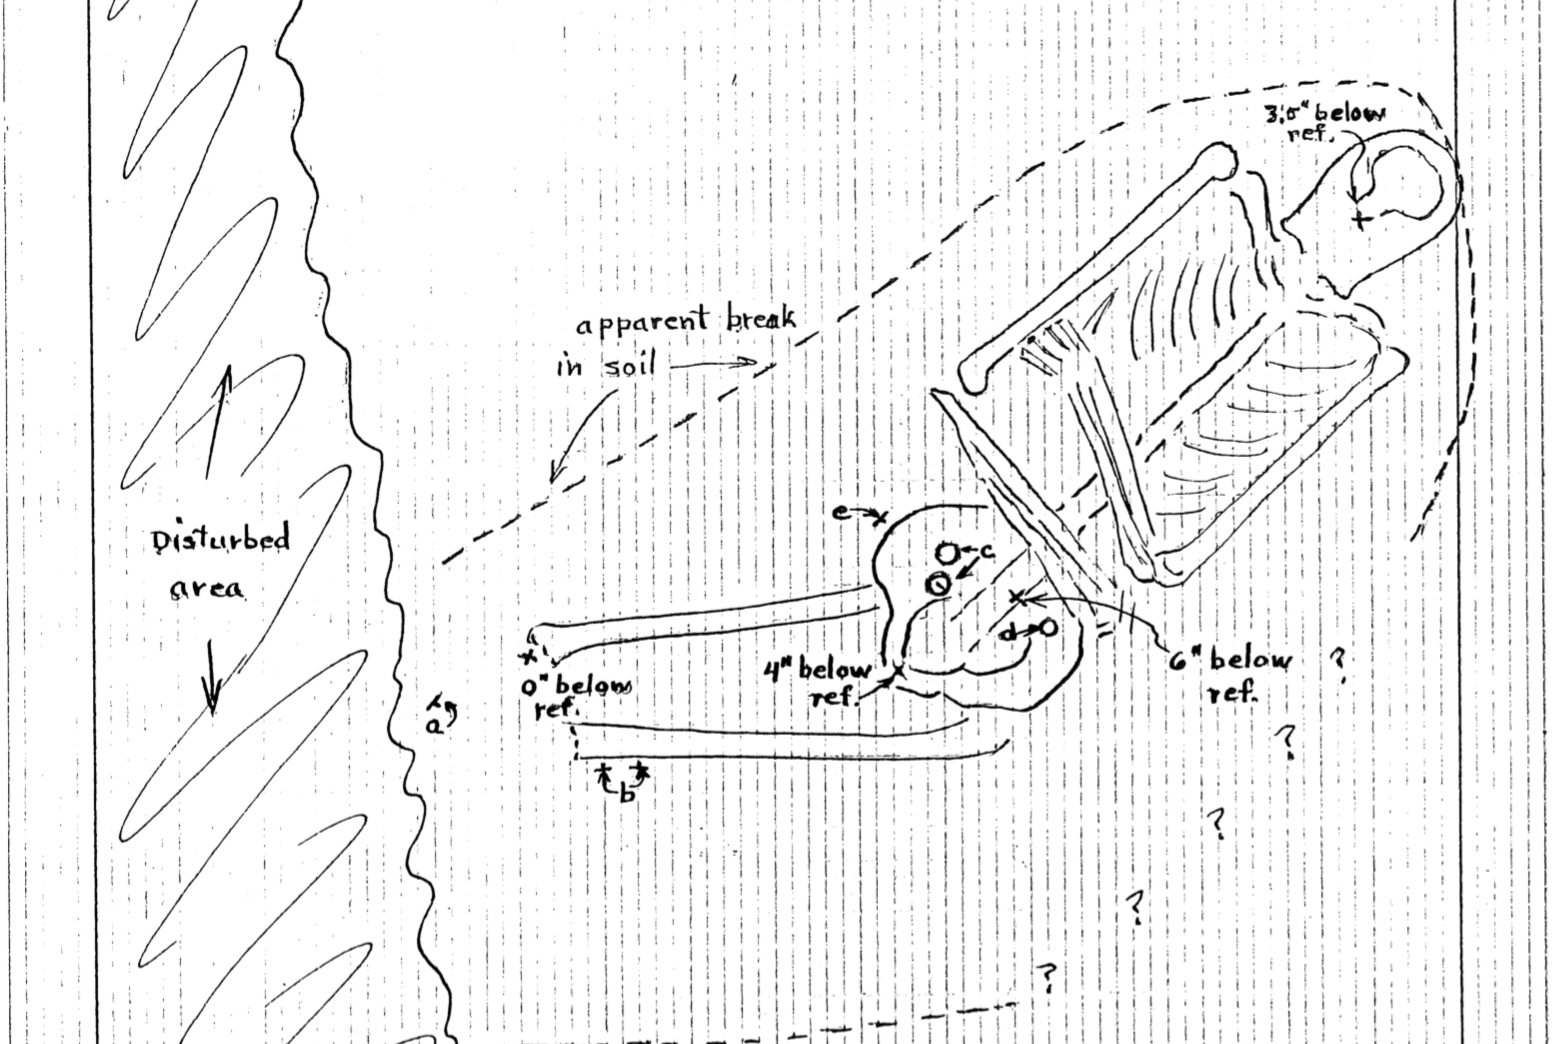 Sketch map of Blue Wing body in situ.